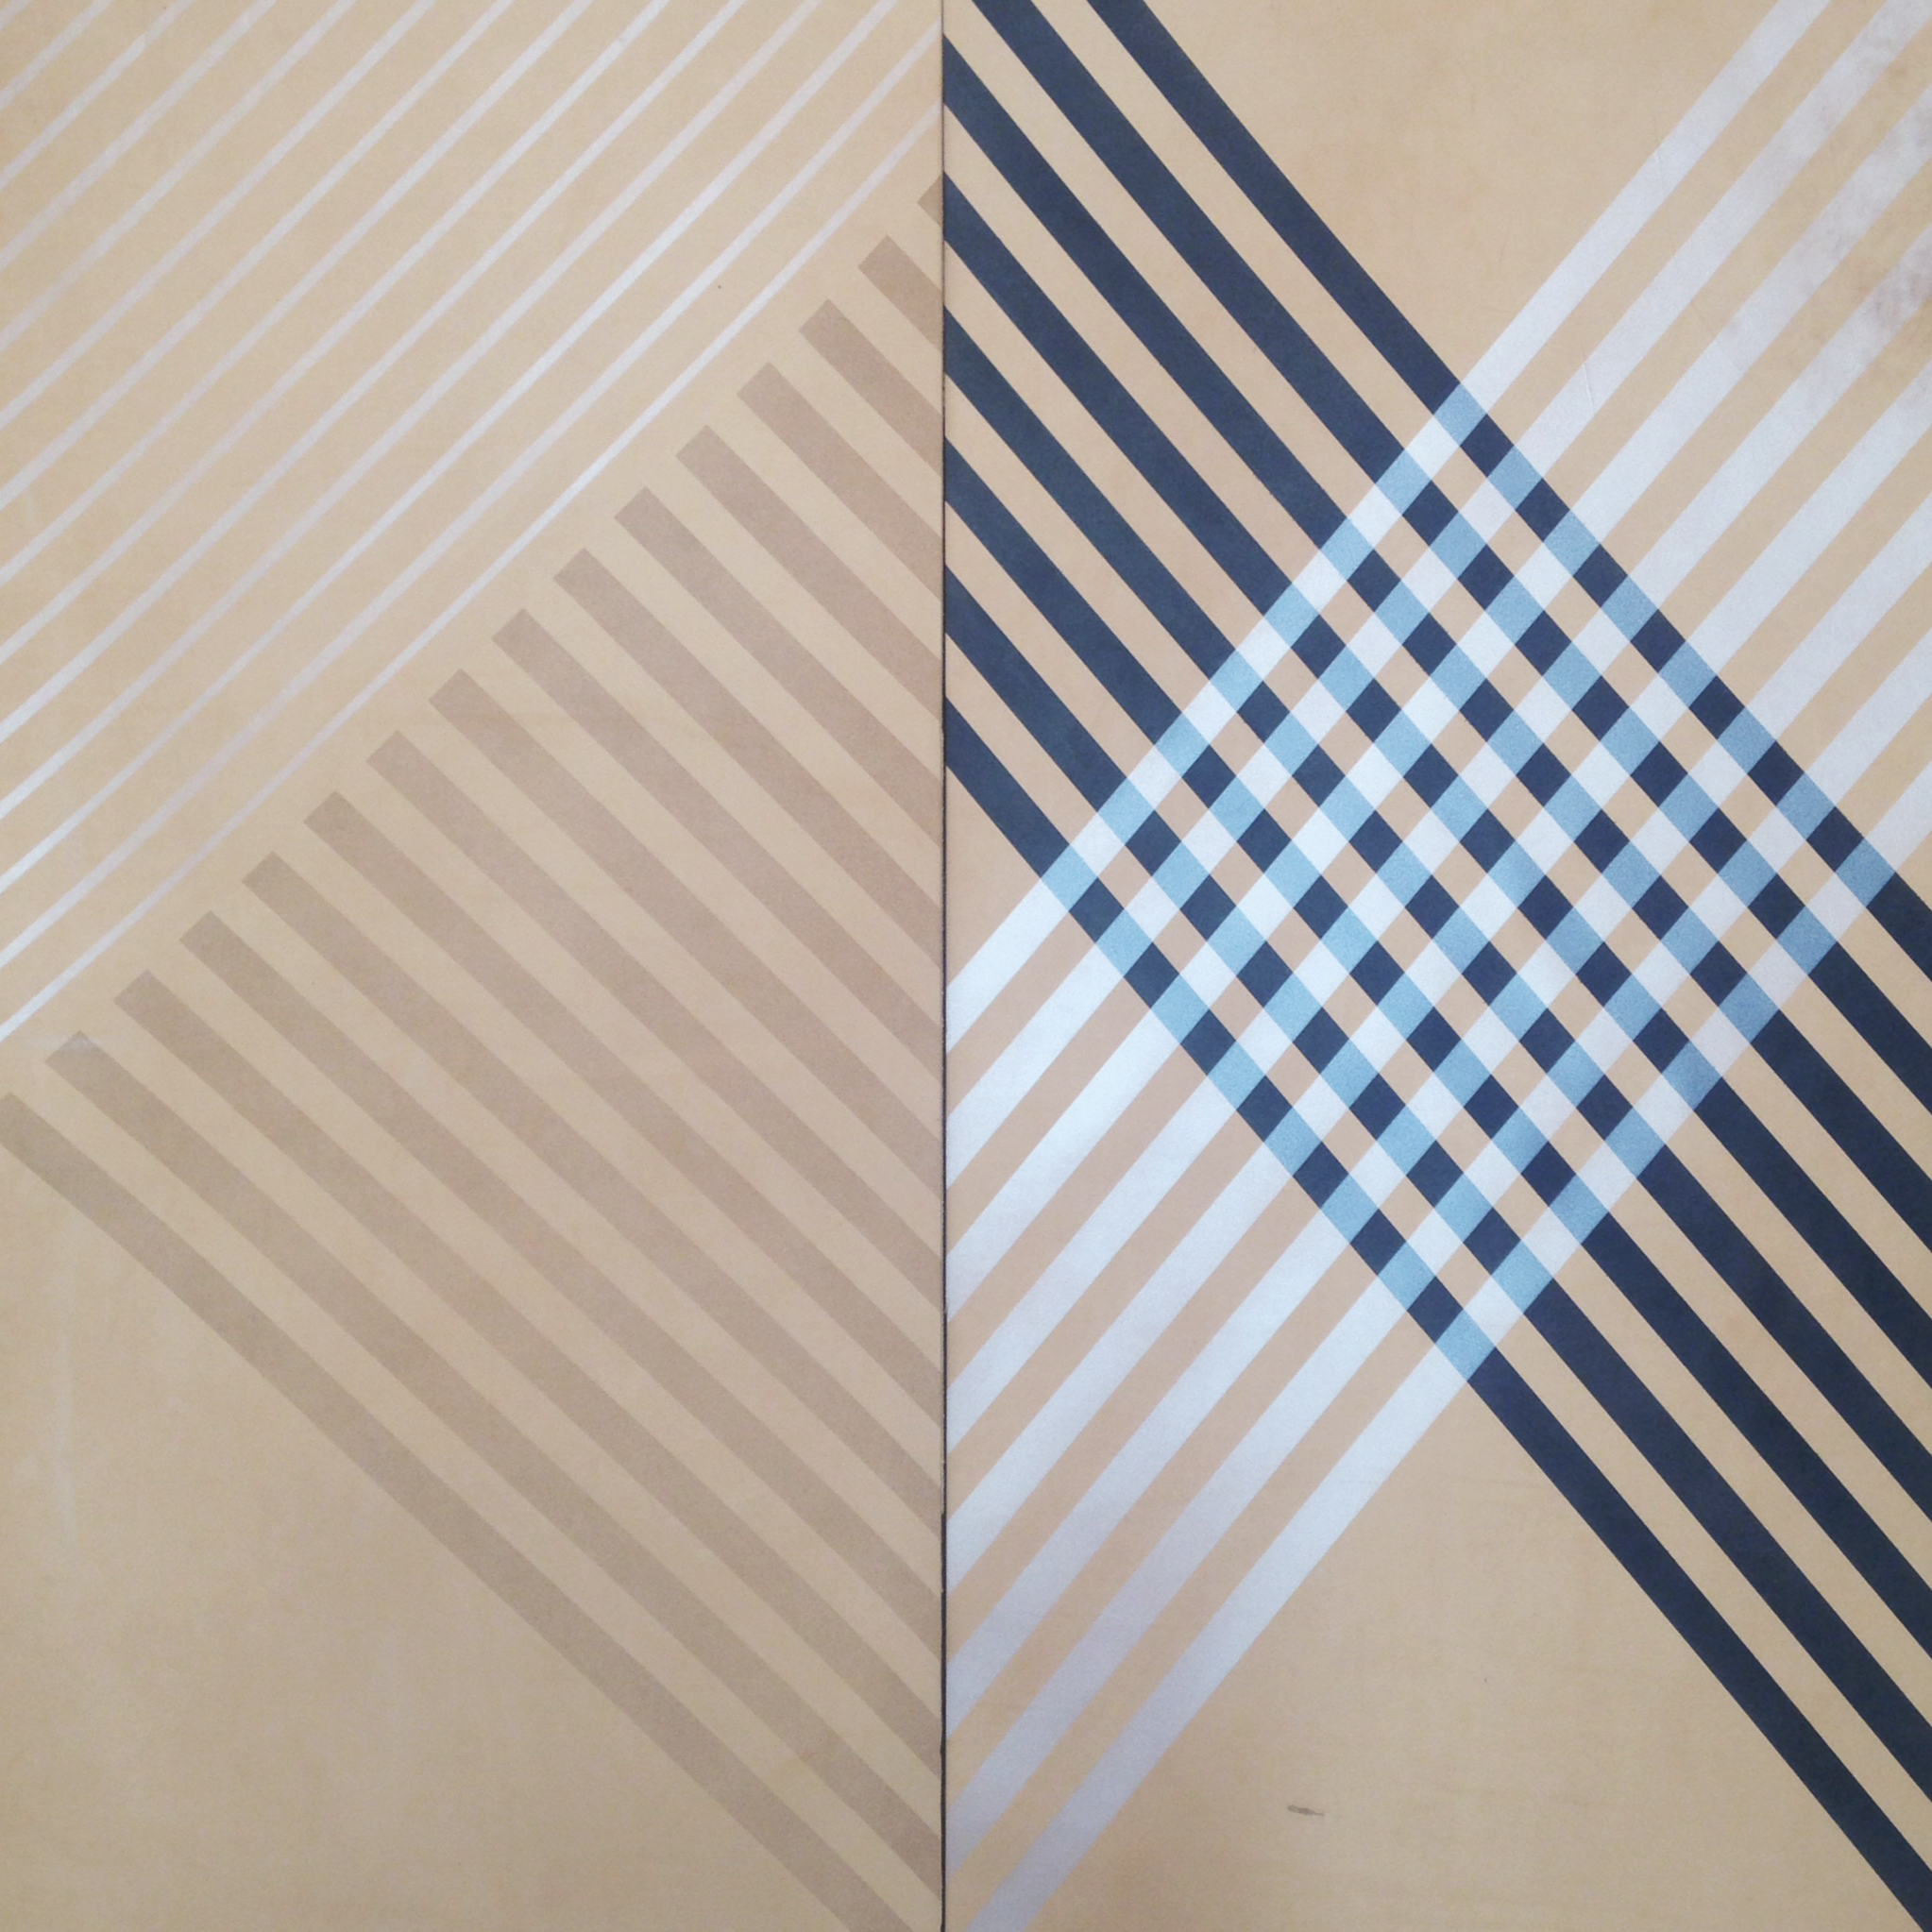 diagonal _crisscross patterns1.JPG